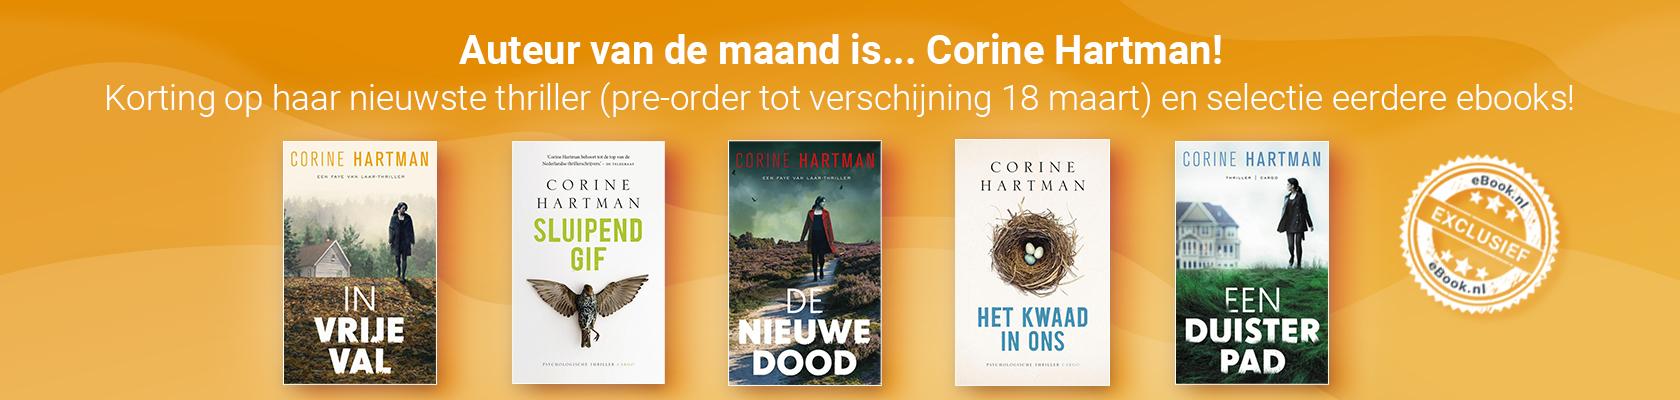 Auteur van de maand Corine Hartman